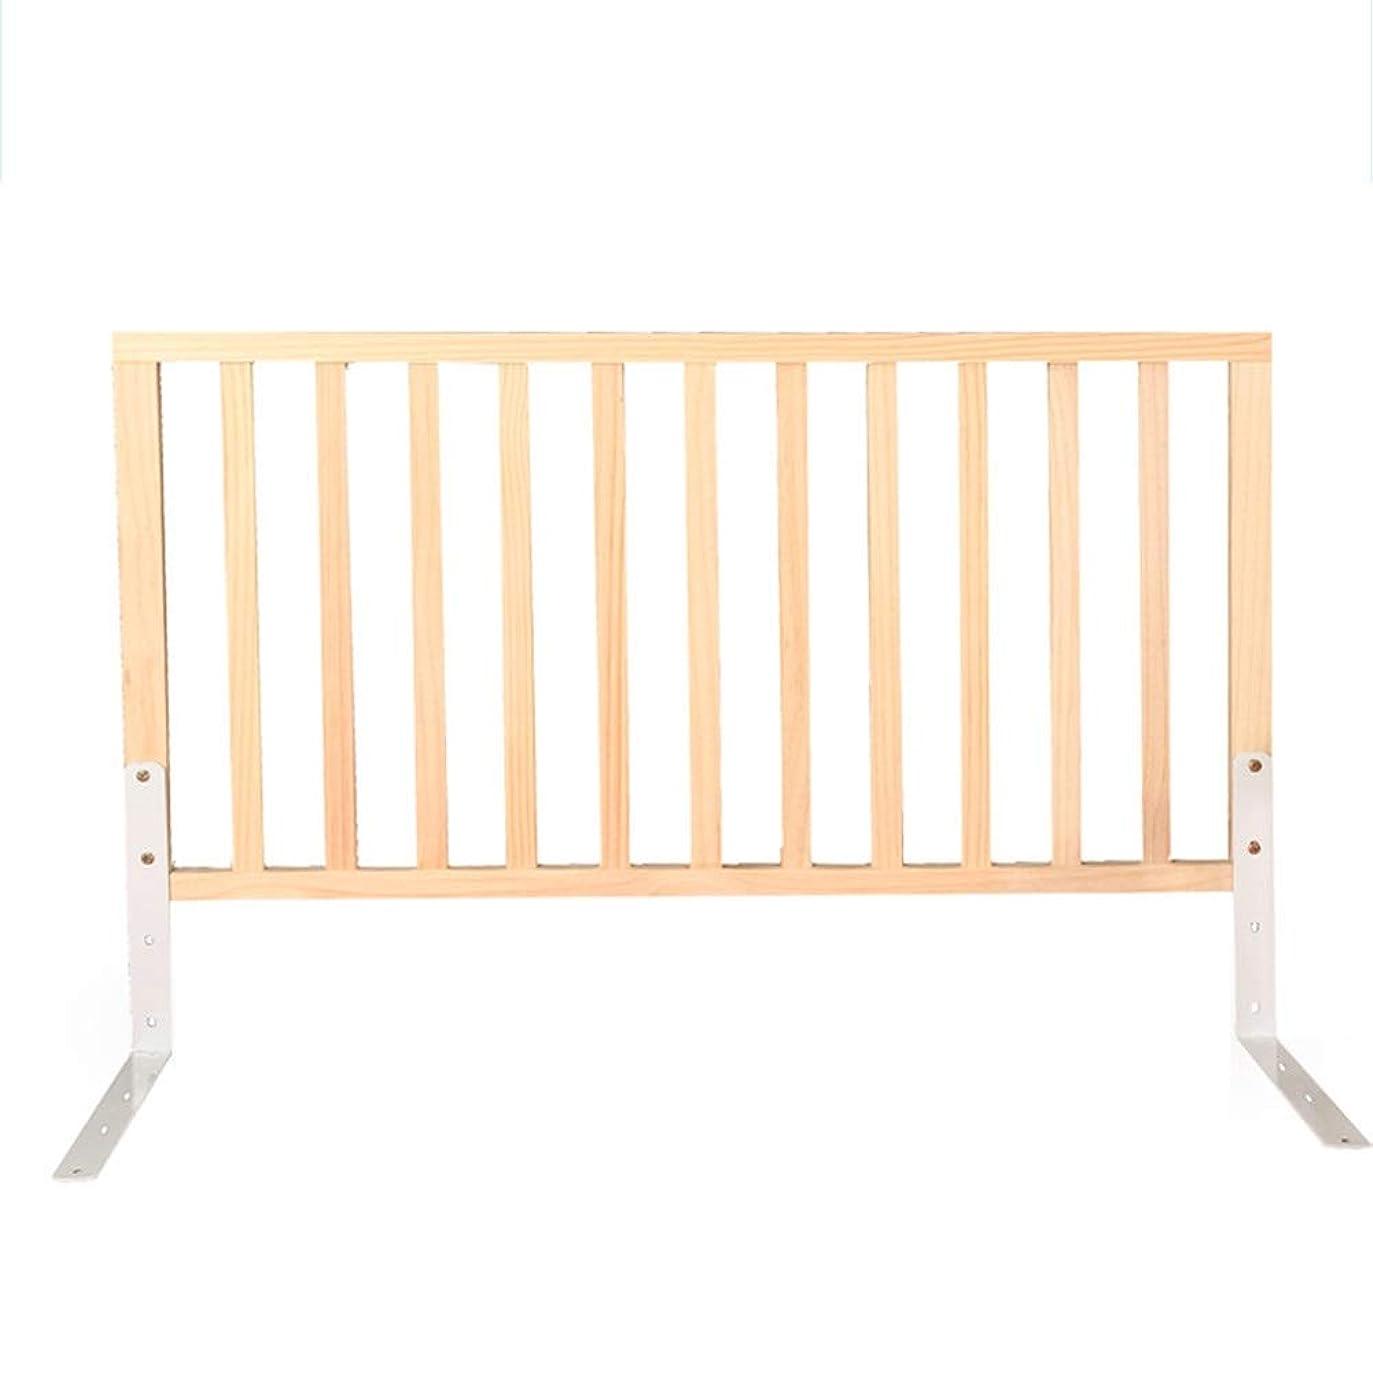 タール共産主義レポートを書くXyanzi-ガードレールフェンス 幼児のガードレール、純木のベッドの柵の監視高さ調節可能なスラット及びBoxspringのための普遍的な適合(サイズ:150cm) (色 : A, サイズ さいず : 120cm)